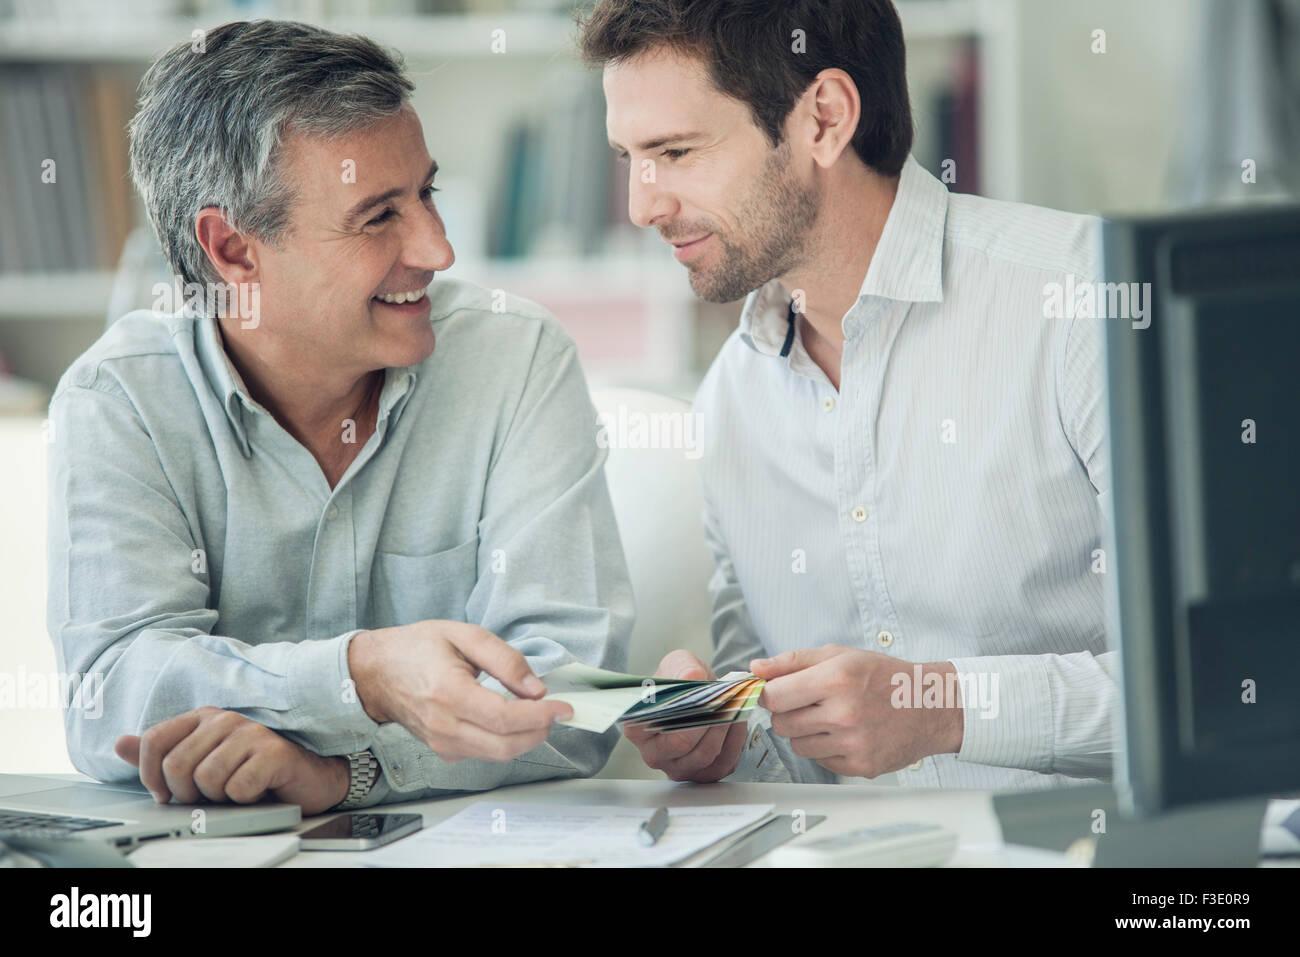 Colegas mirando las muestras de color juntos Imagen De Stock